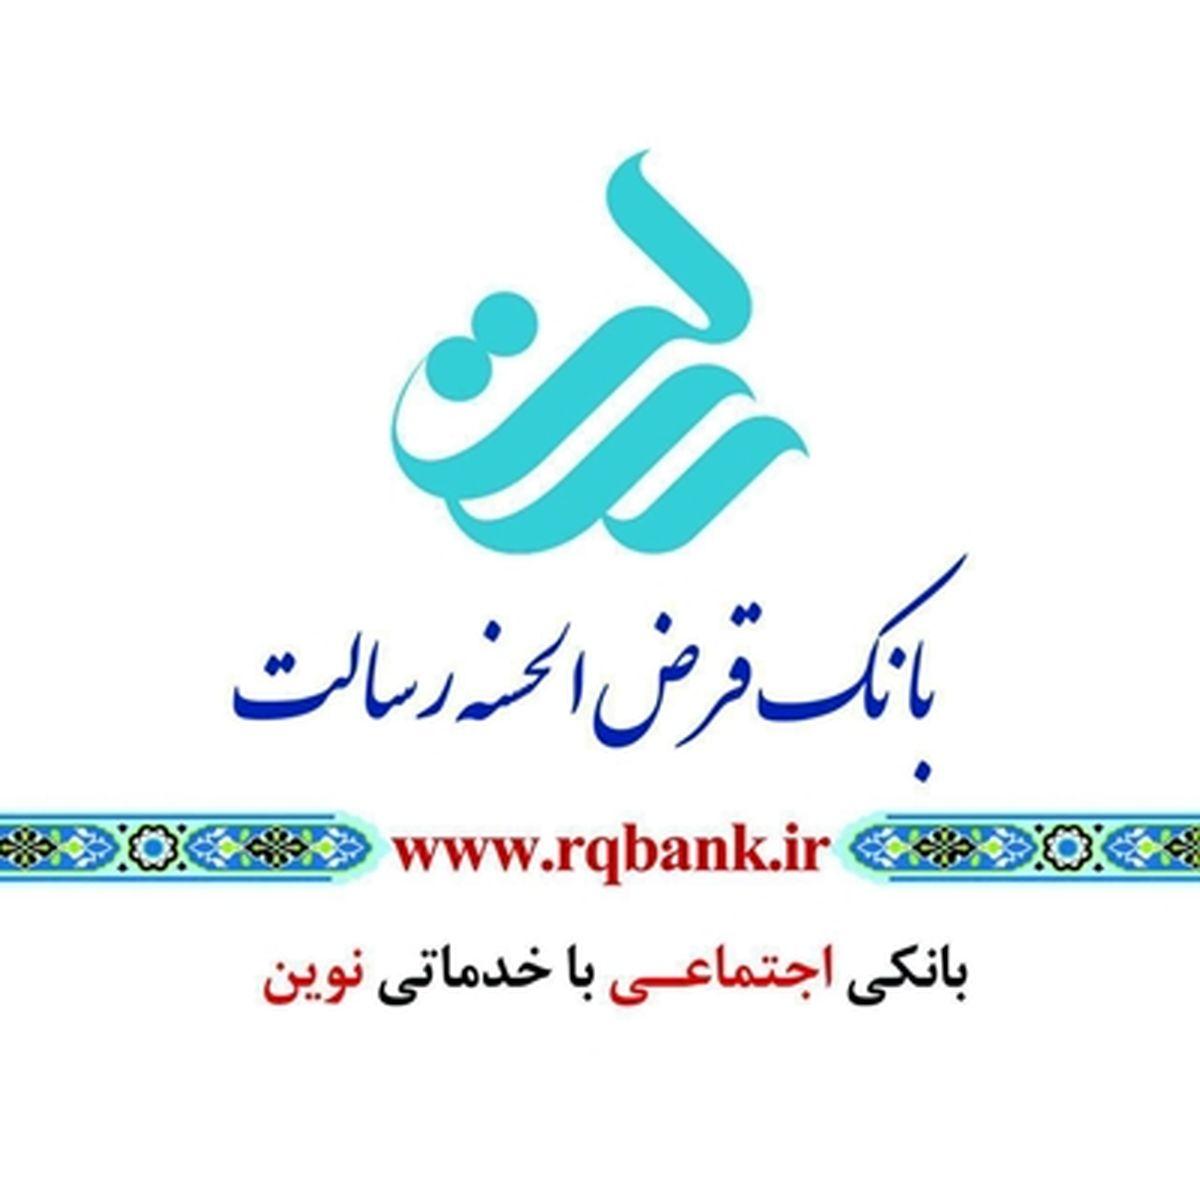 برگزاری مجمع بانک قرض الحسنه رسالت درتیرماه